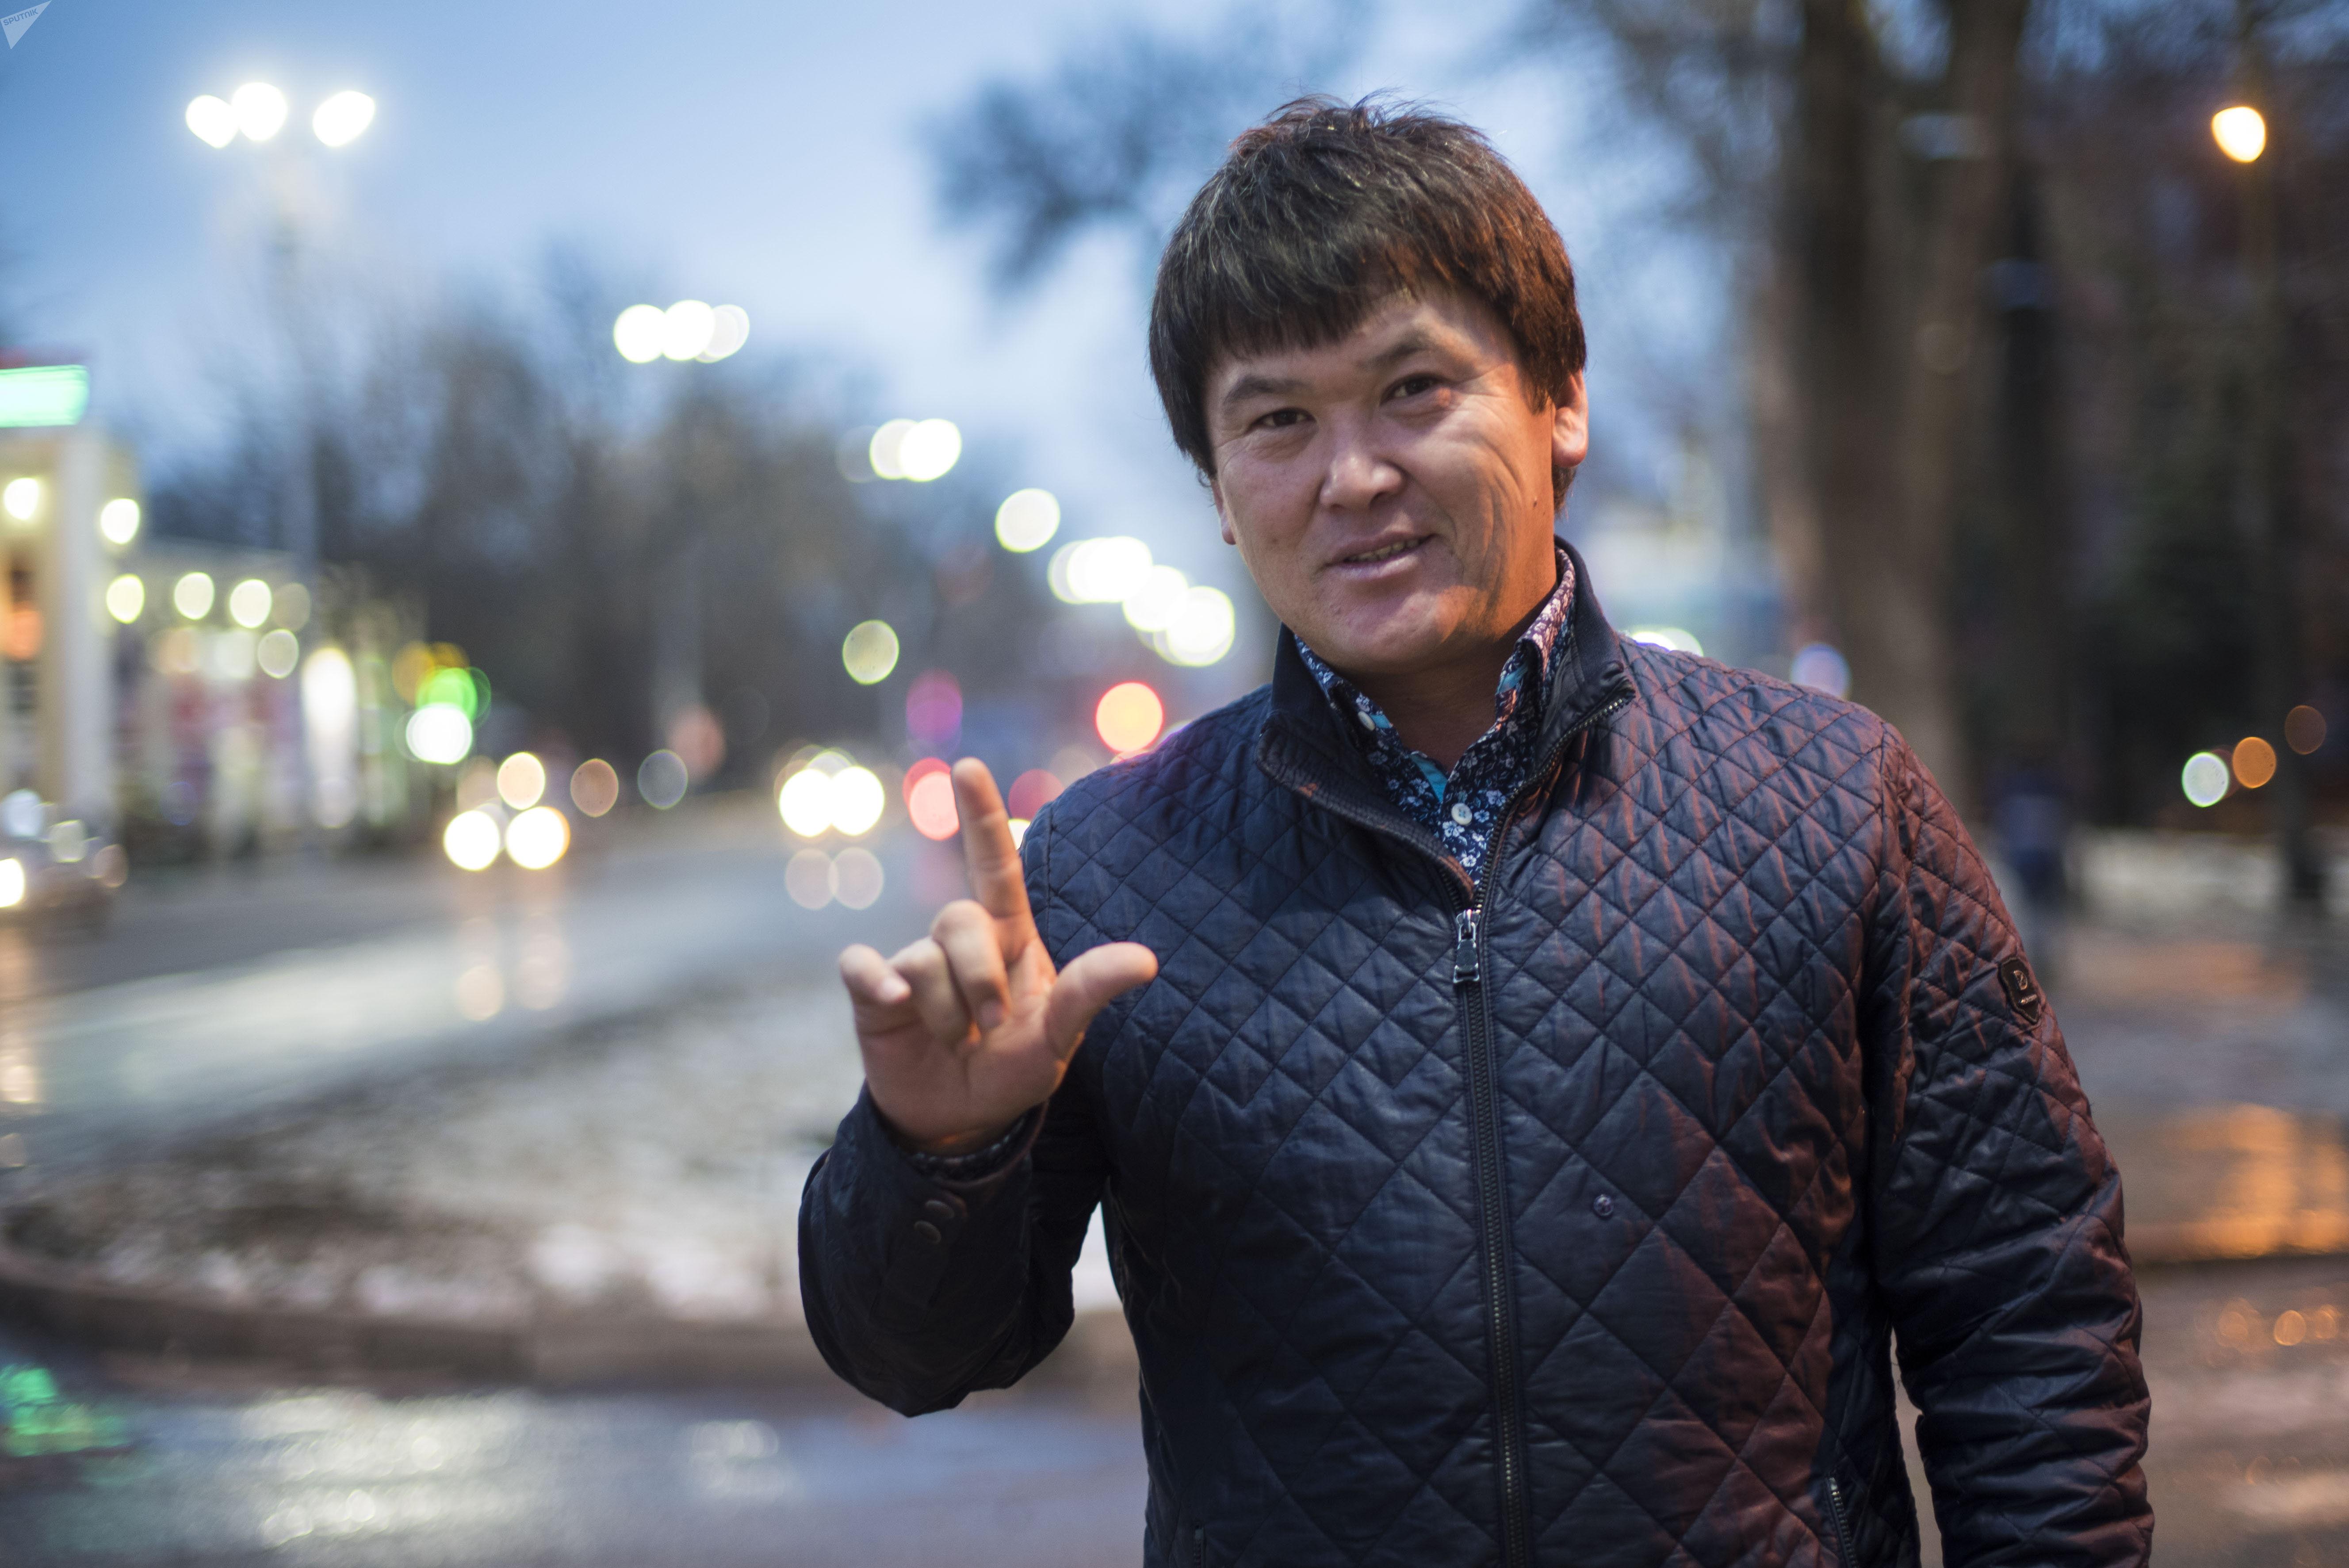 Певец кыргызской эстрады, участник группы Биз Бактияр Токторов